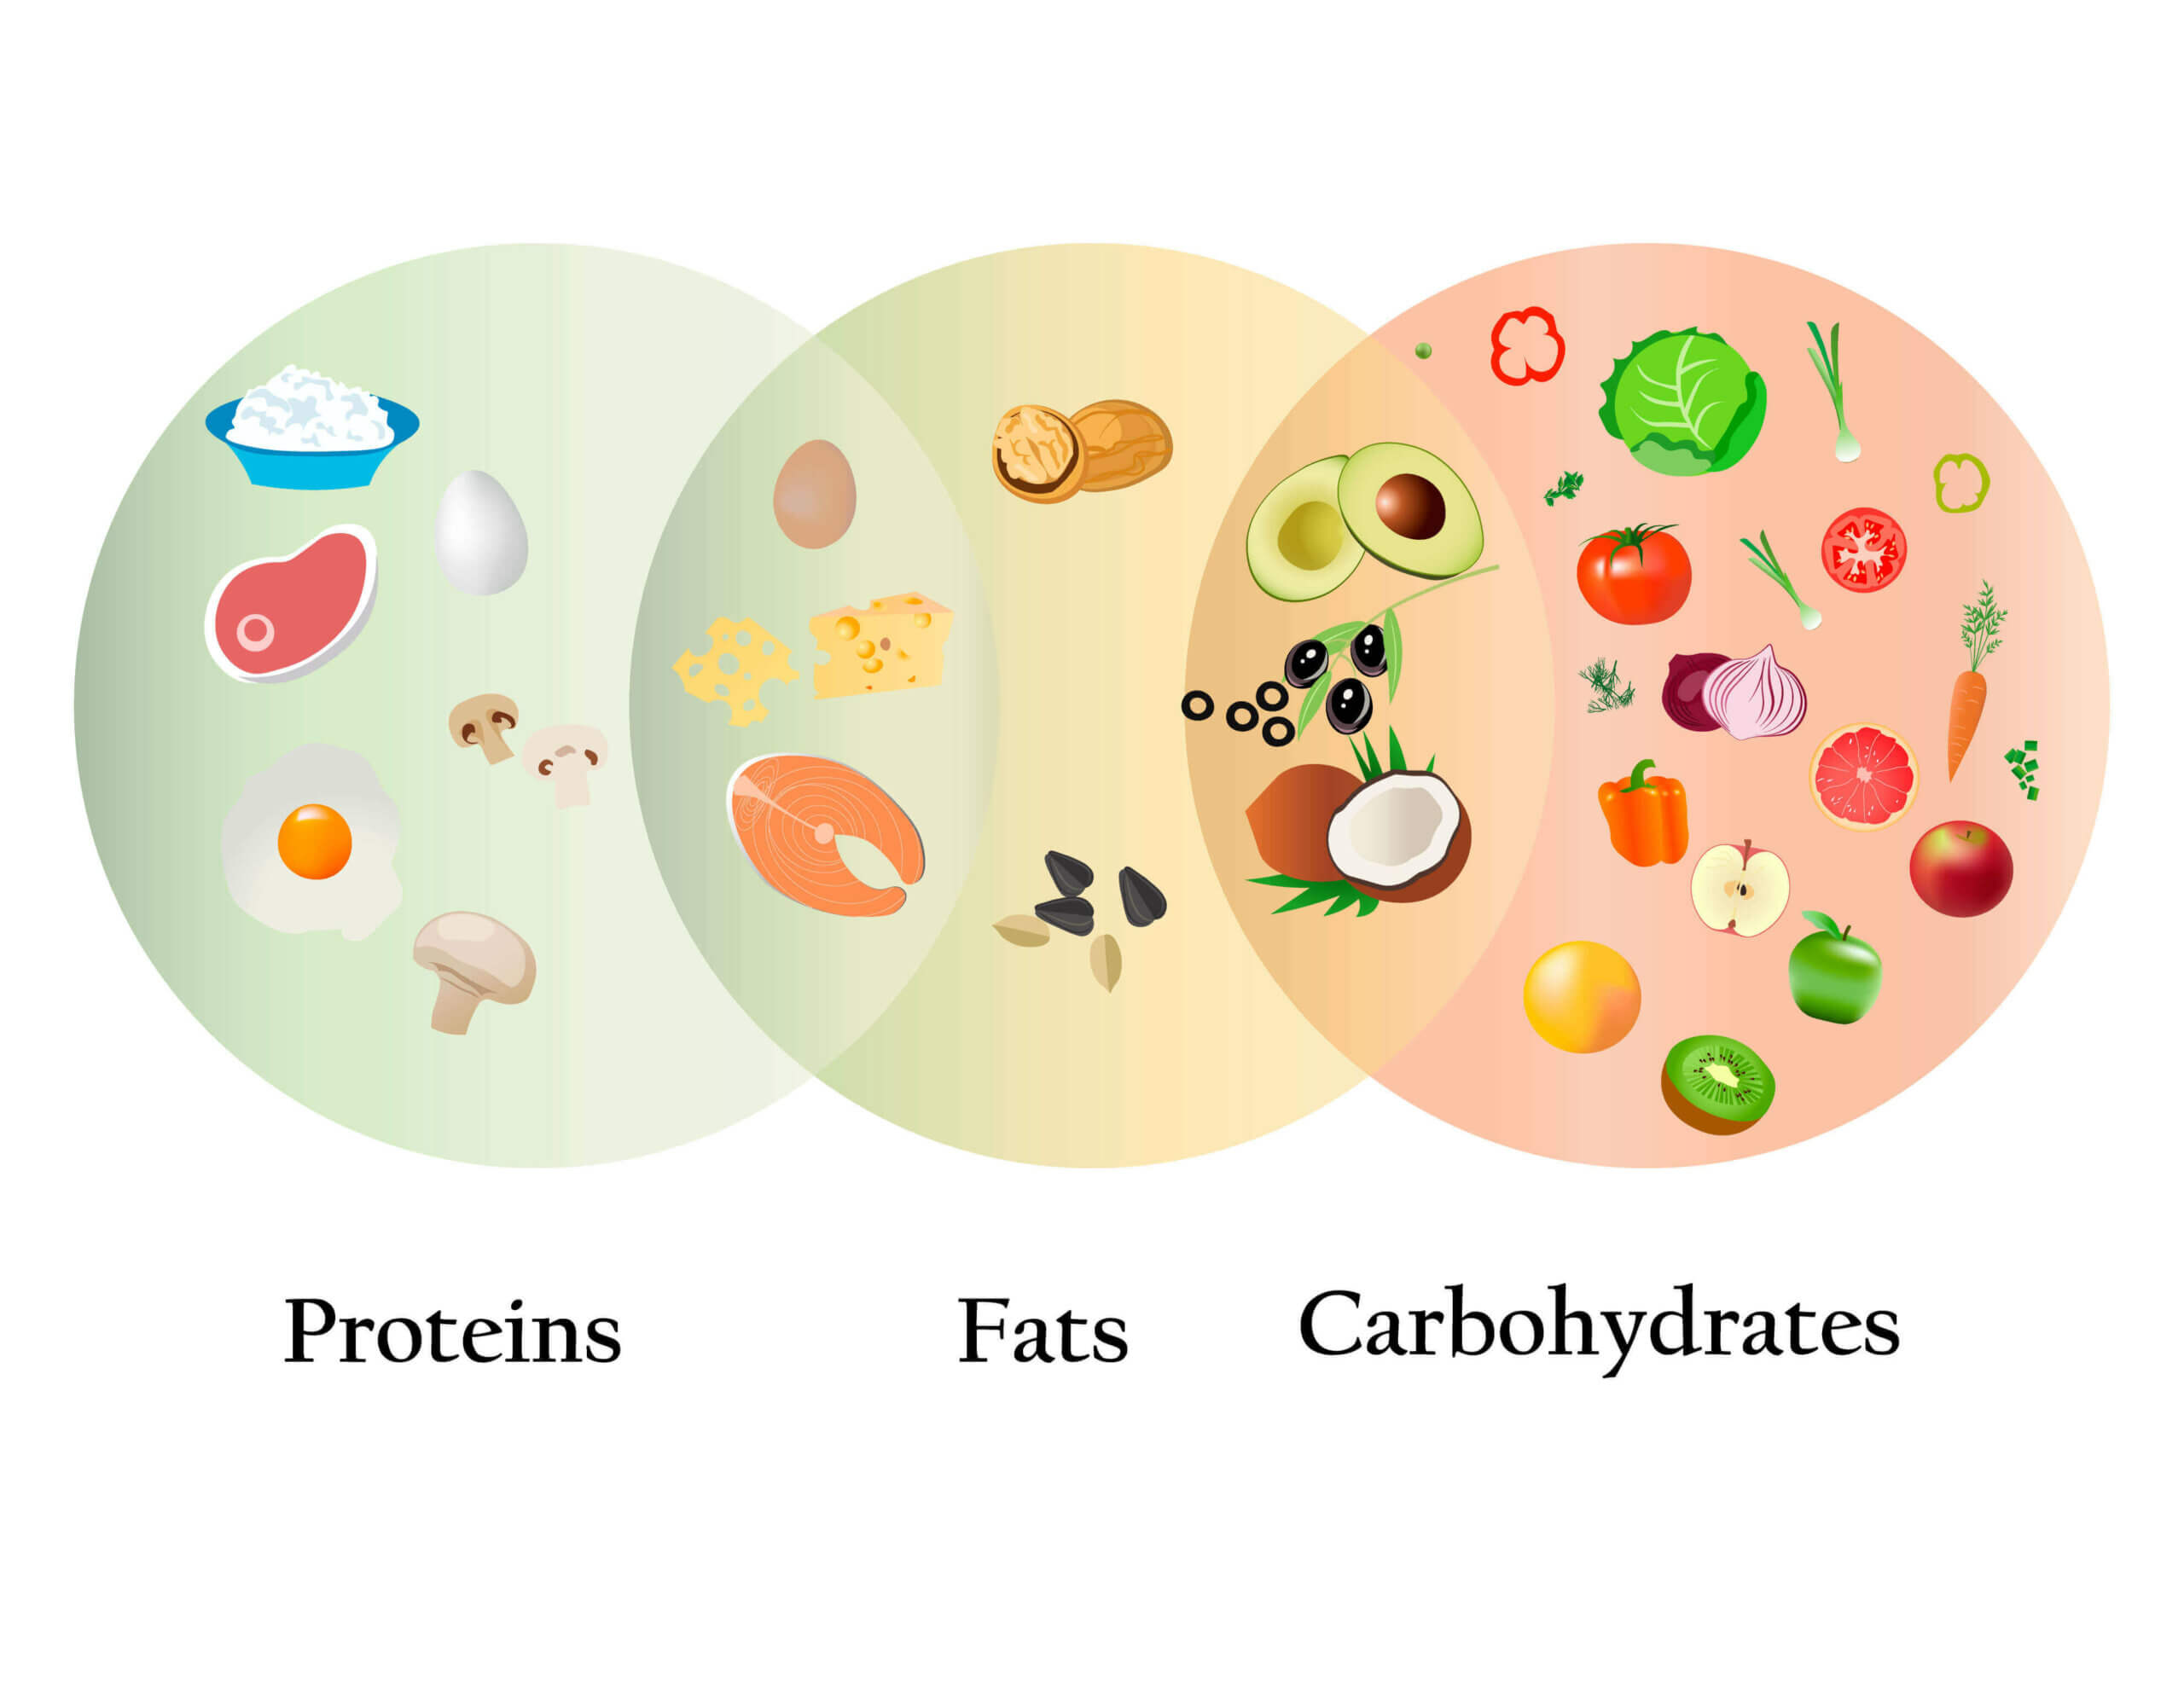 białka tłuszcze i węglowodany dla psów